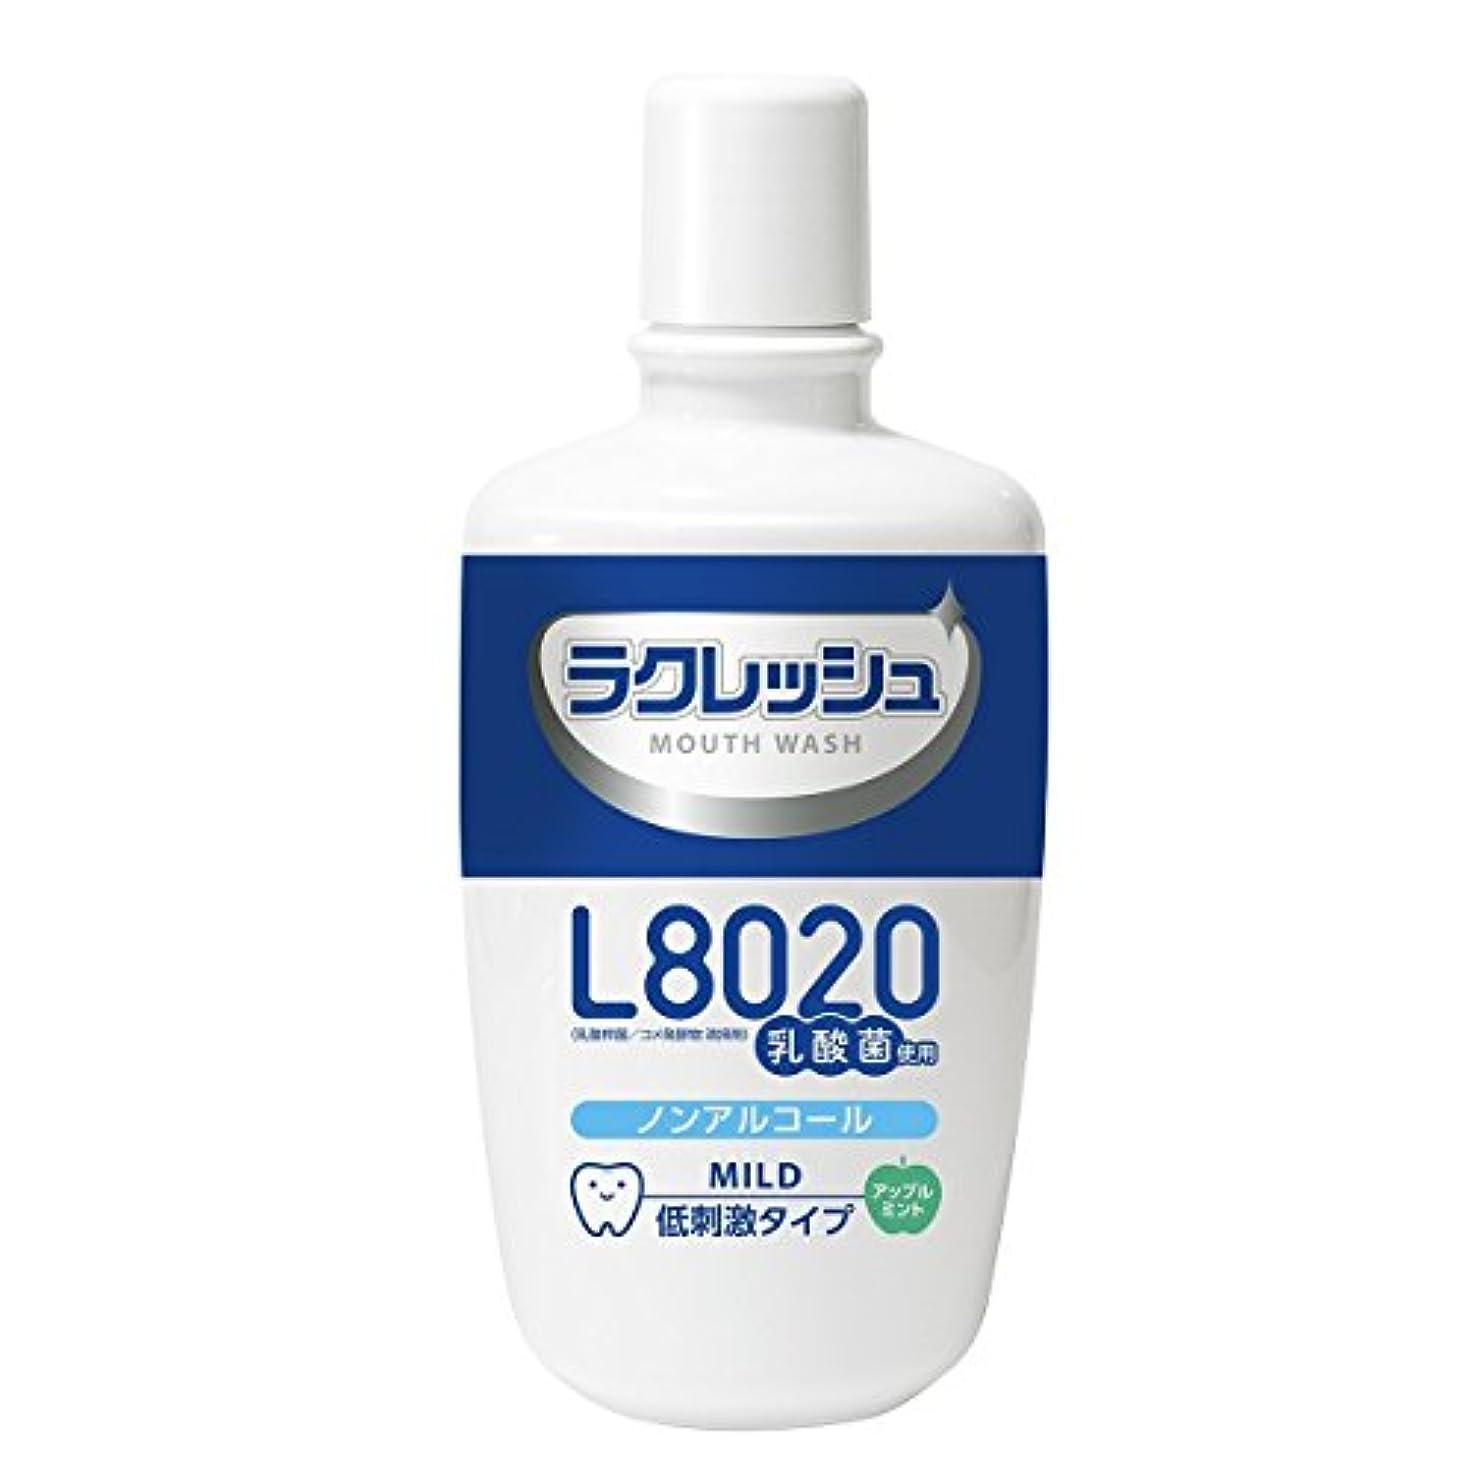 指導するチャーミング導体ラクレッシュ L8020菌 マウスウォッシュ 3本セット (マイルド)